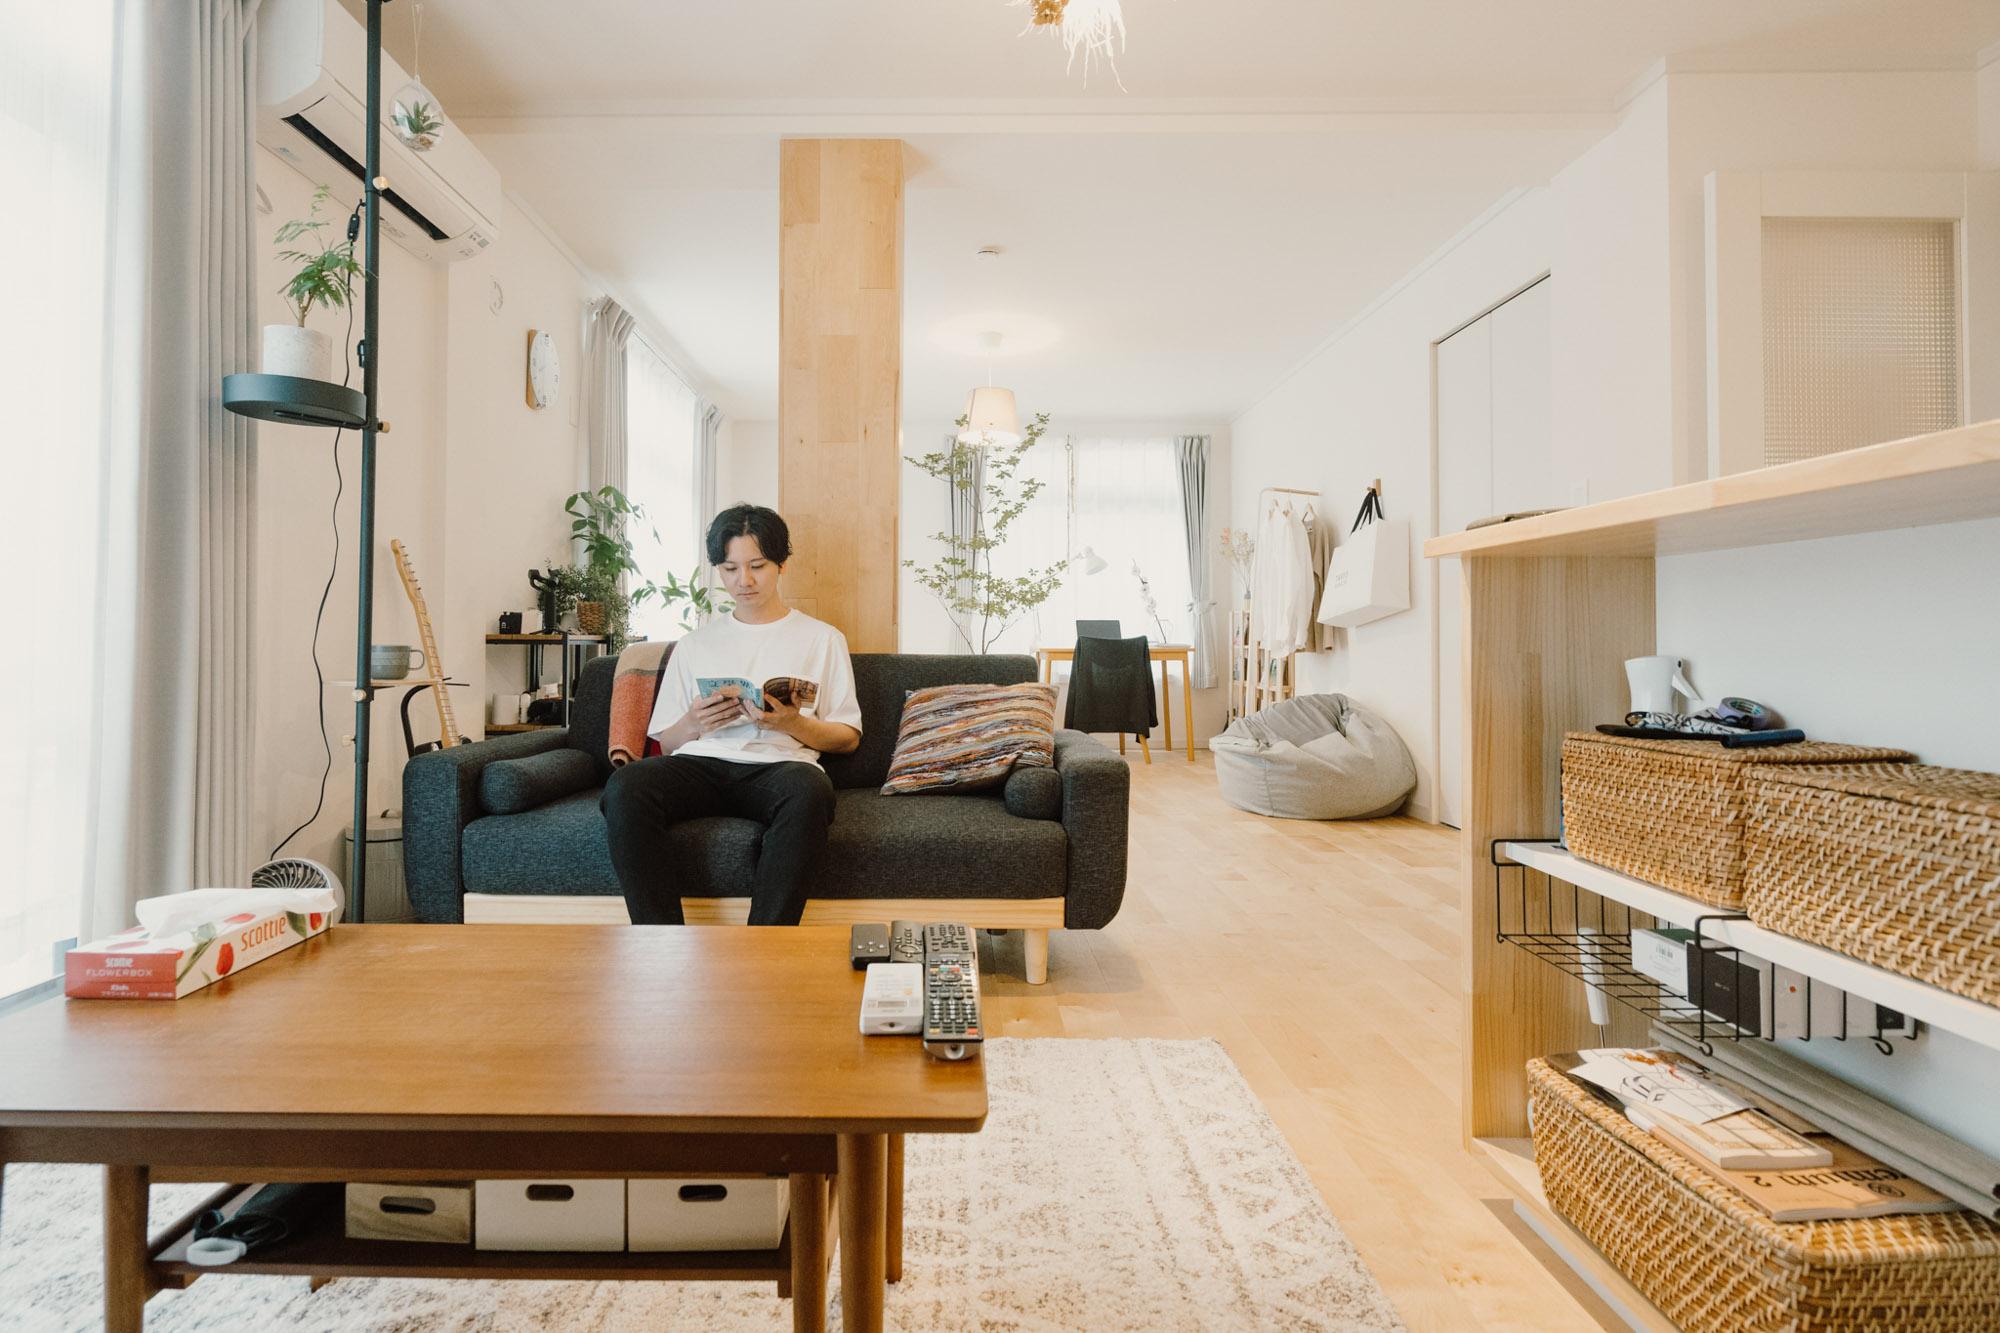 映画鑑賞や読書が好きという文学部出身の武田さん。気に入っているソファで映画を見たり読書をしたりが休みの日の定番の過ごし方。ソファのサイドテーブルにもなるDRAW A LINEは買って良かったもの。